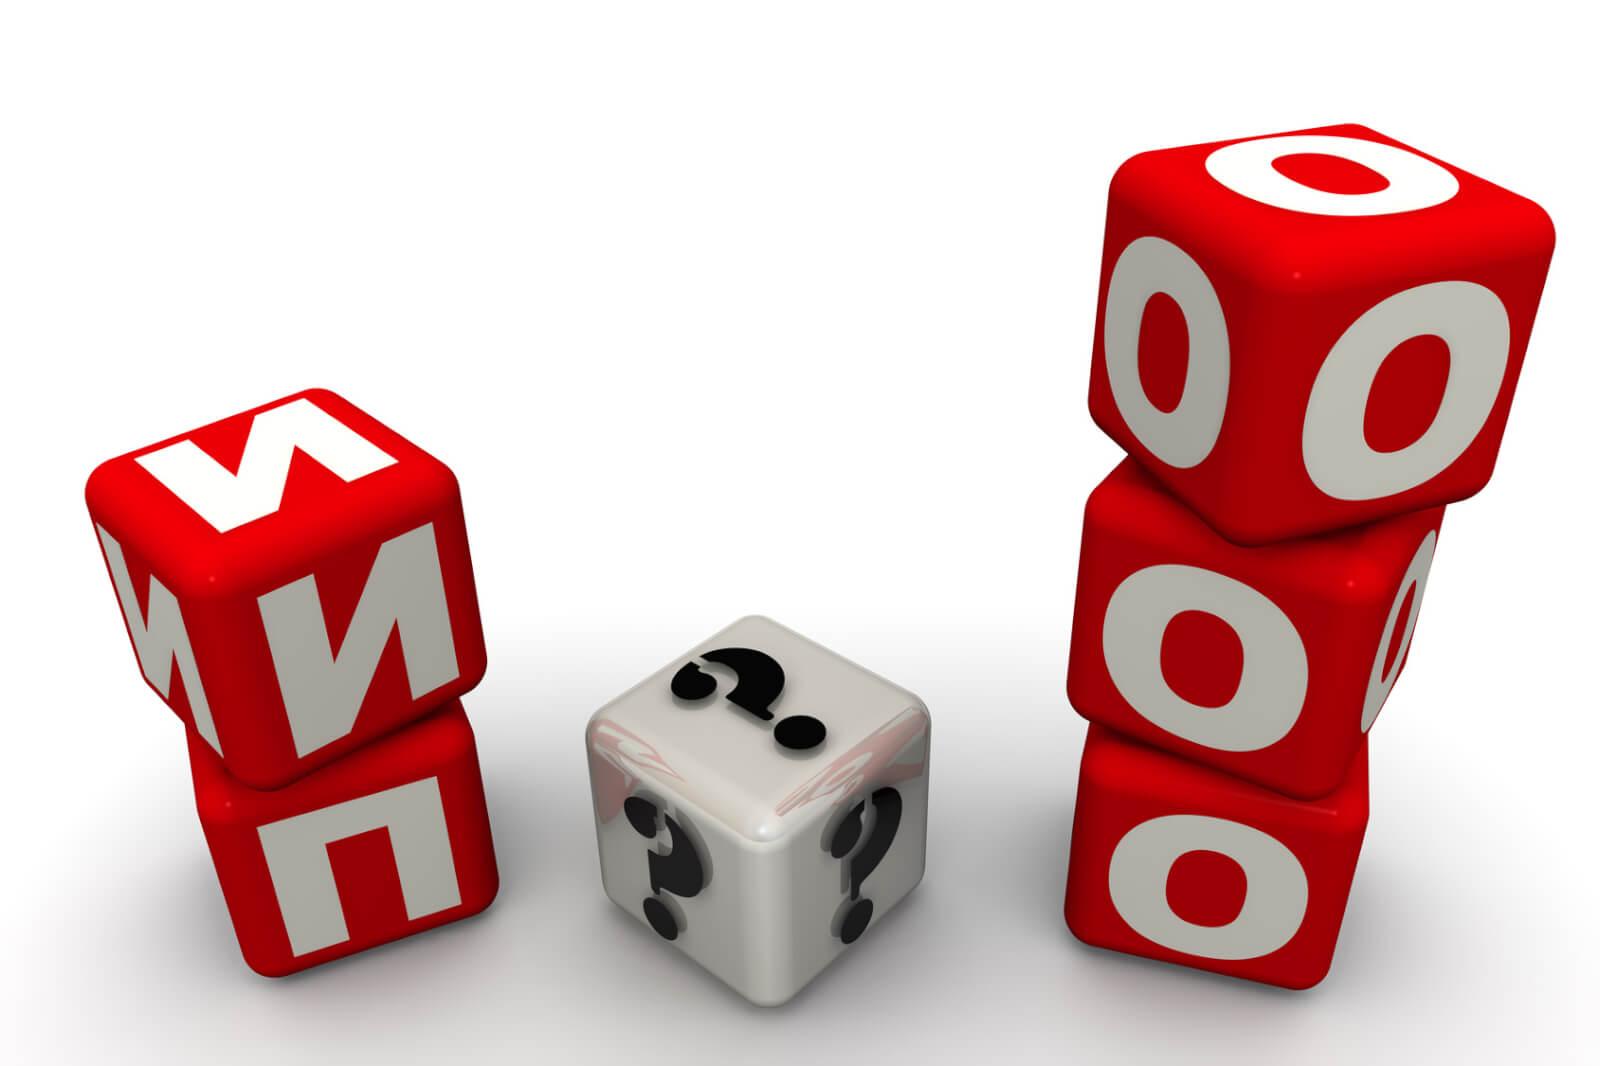 Организационно-правовая форма проекта или грамотный способ ведения бизнеса